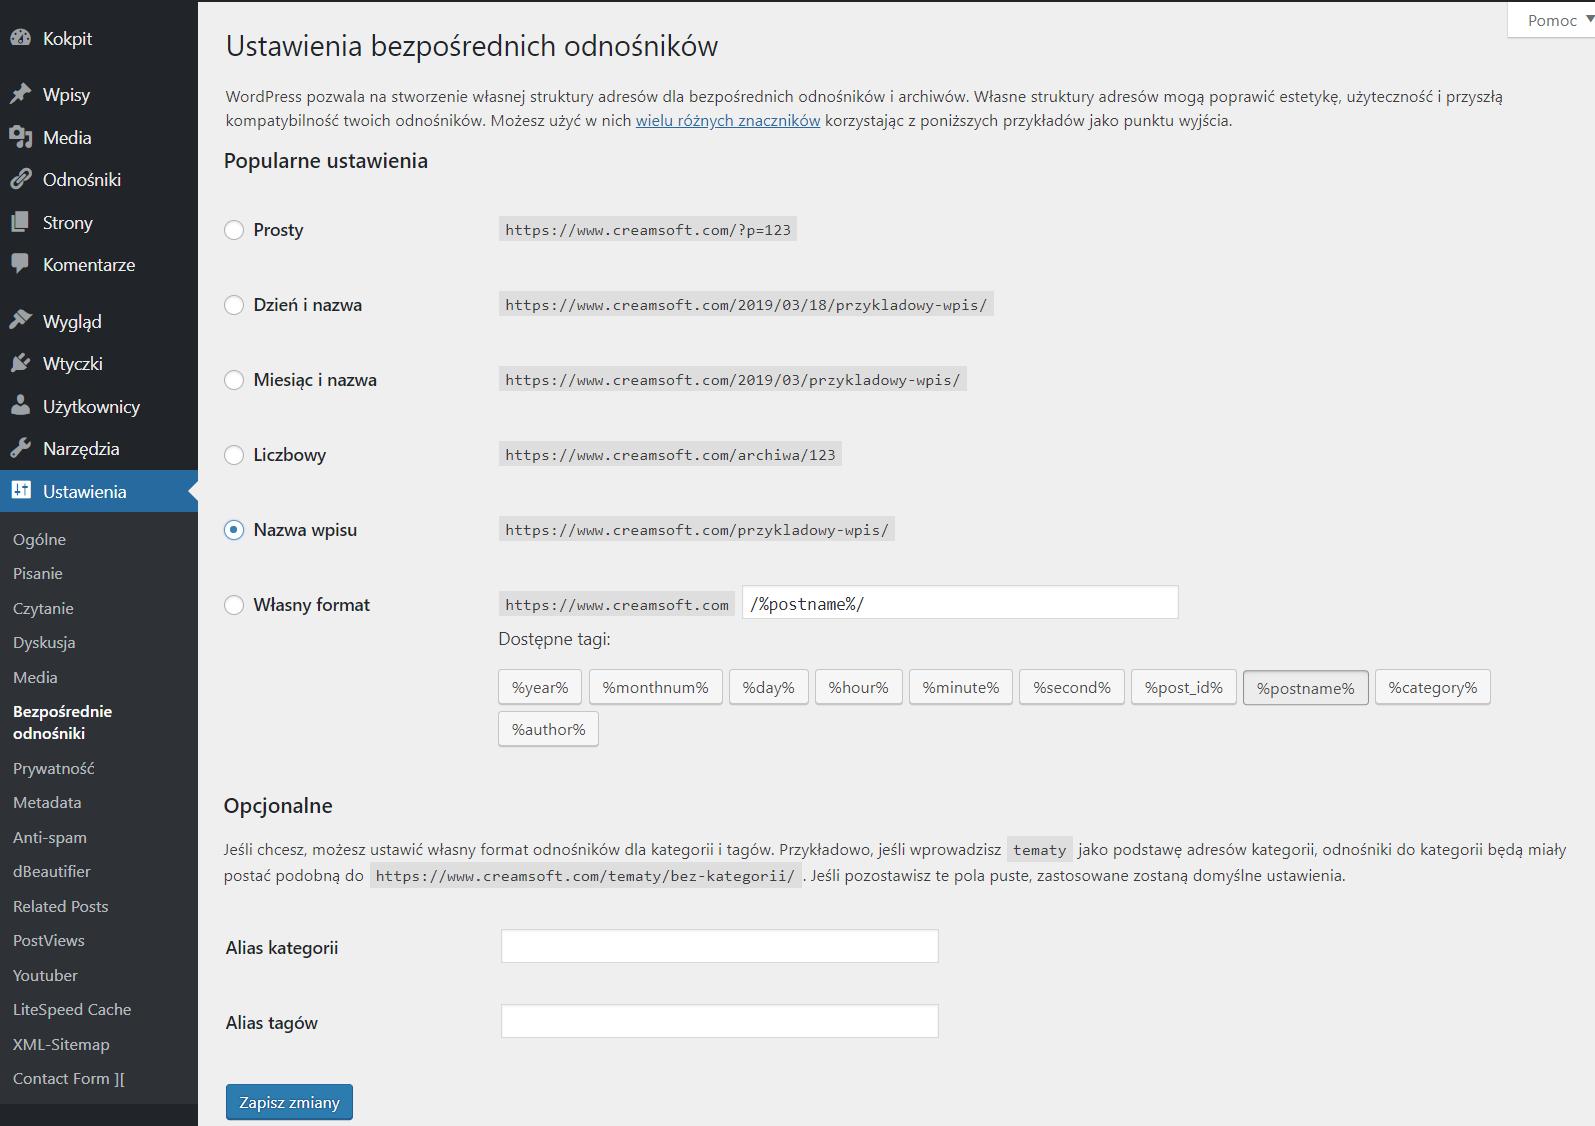 Ustawienia bezpośrednich odnośników w WordPress